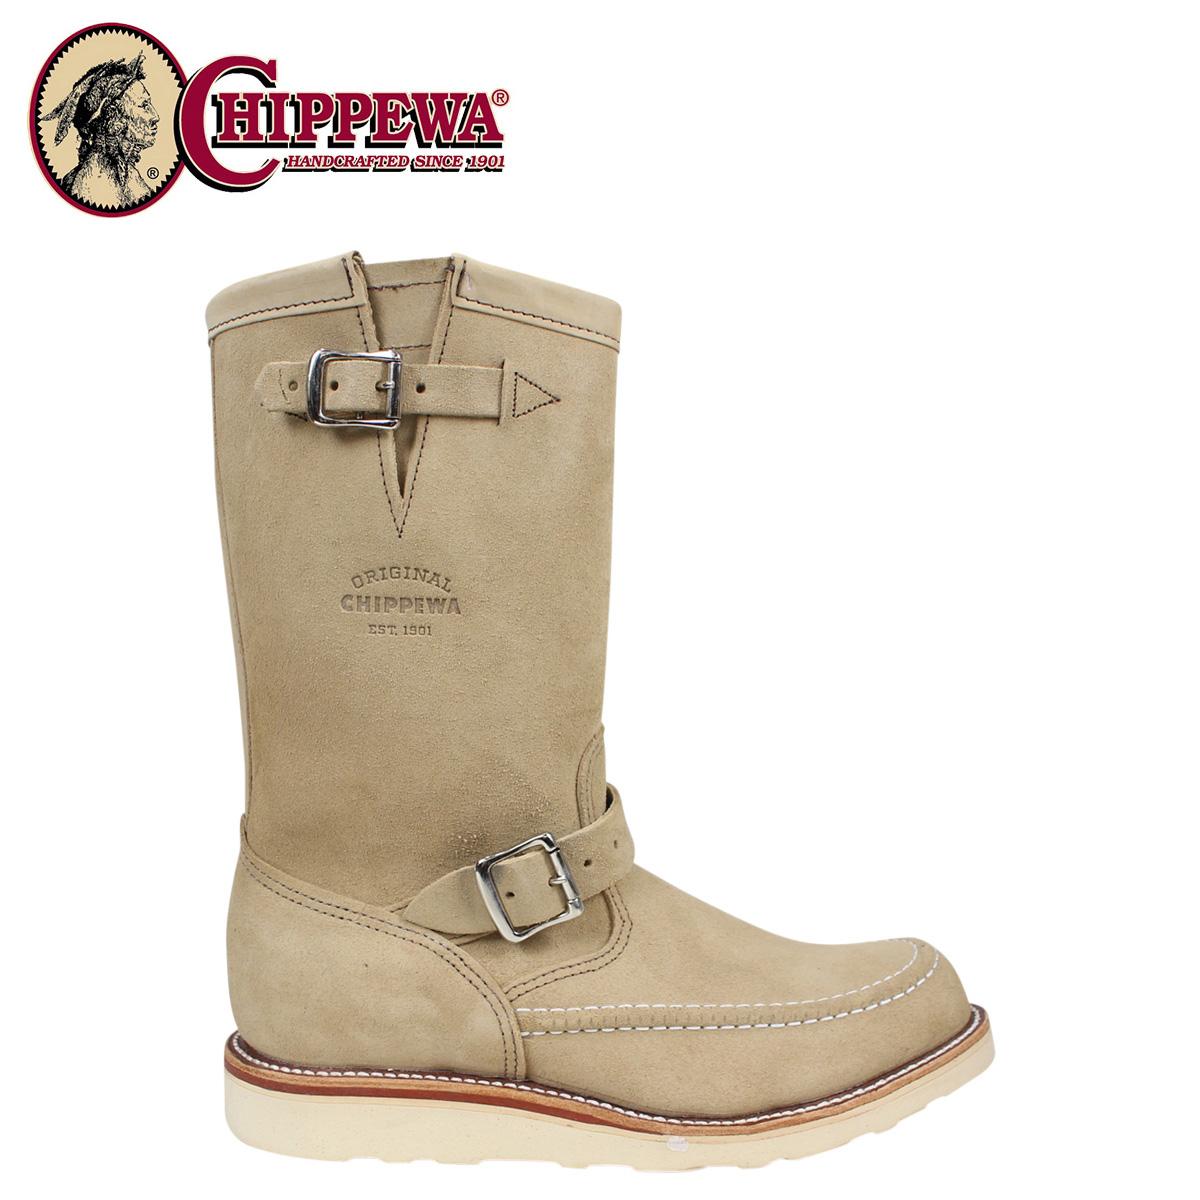 CHIPPEWA チペワ ブーツ 11インチ スエード ハイランダー サンド 1901M02 11INCH SUEDE HIGHLANDER Eワイズ スエード BOOT メンズ